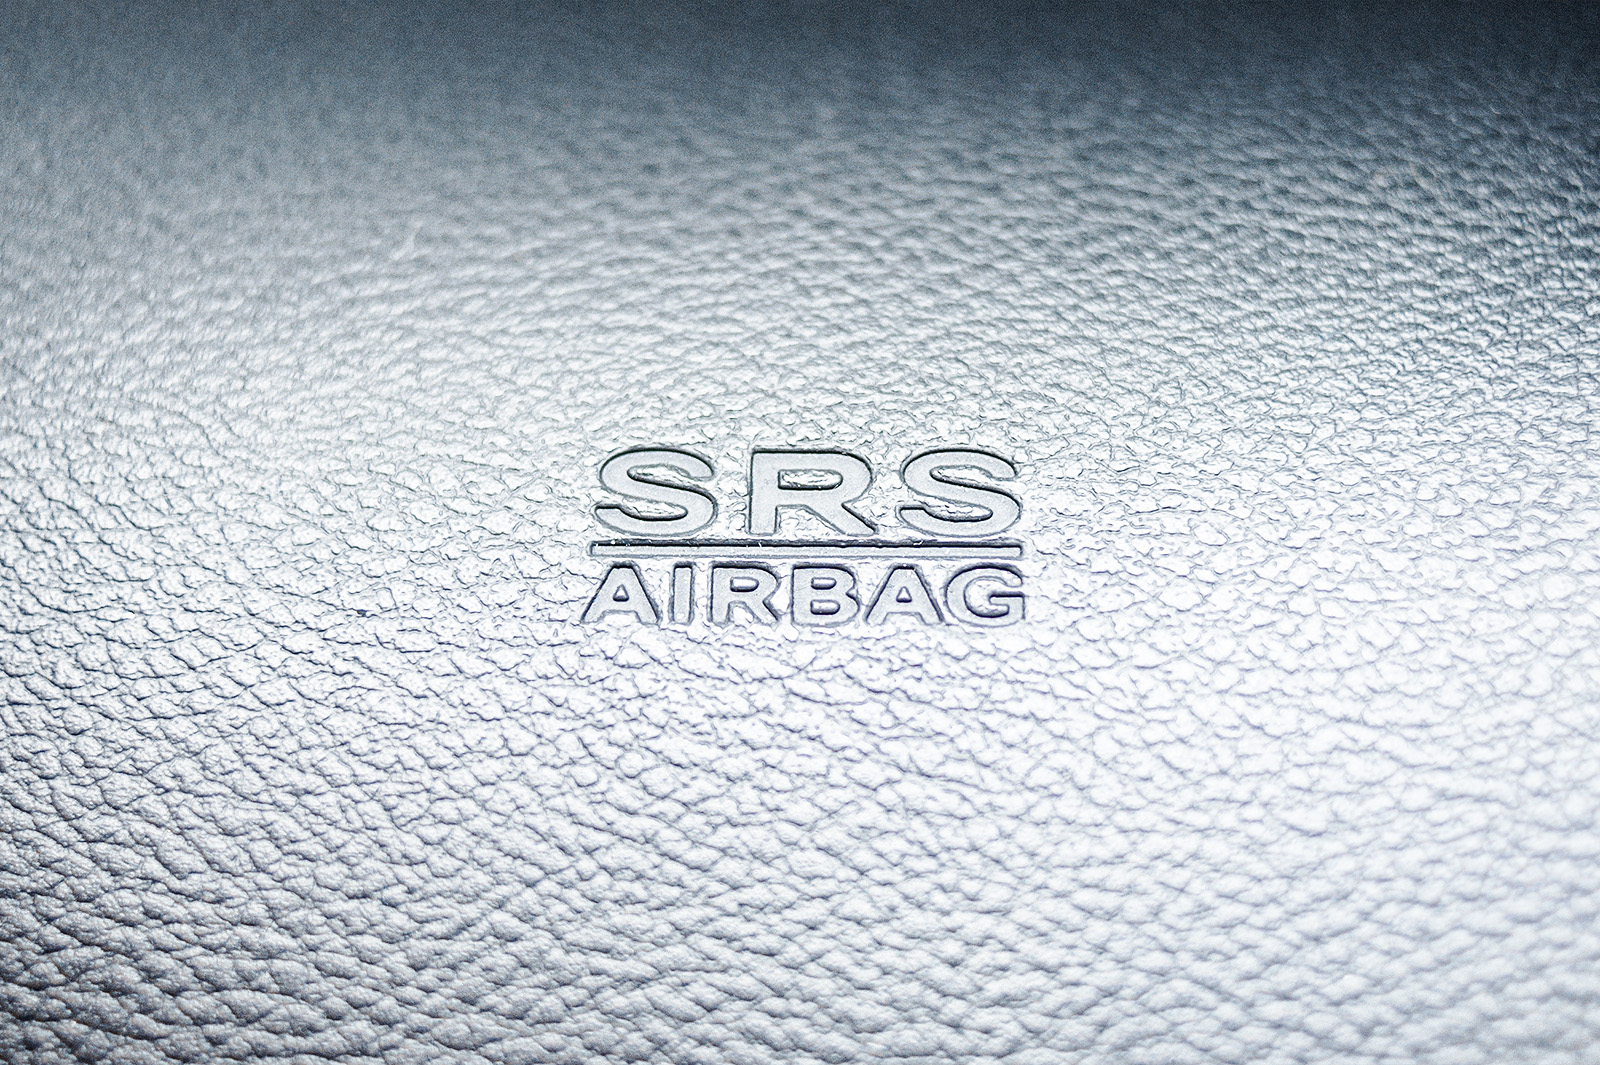 схема работы airbag